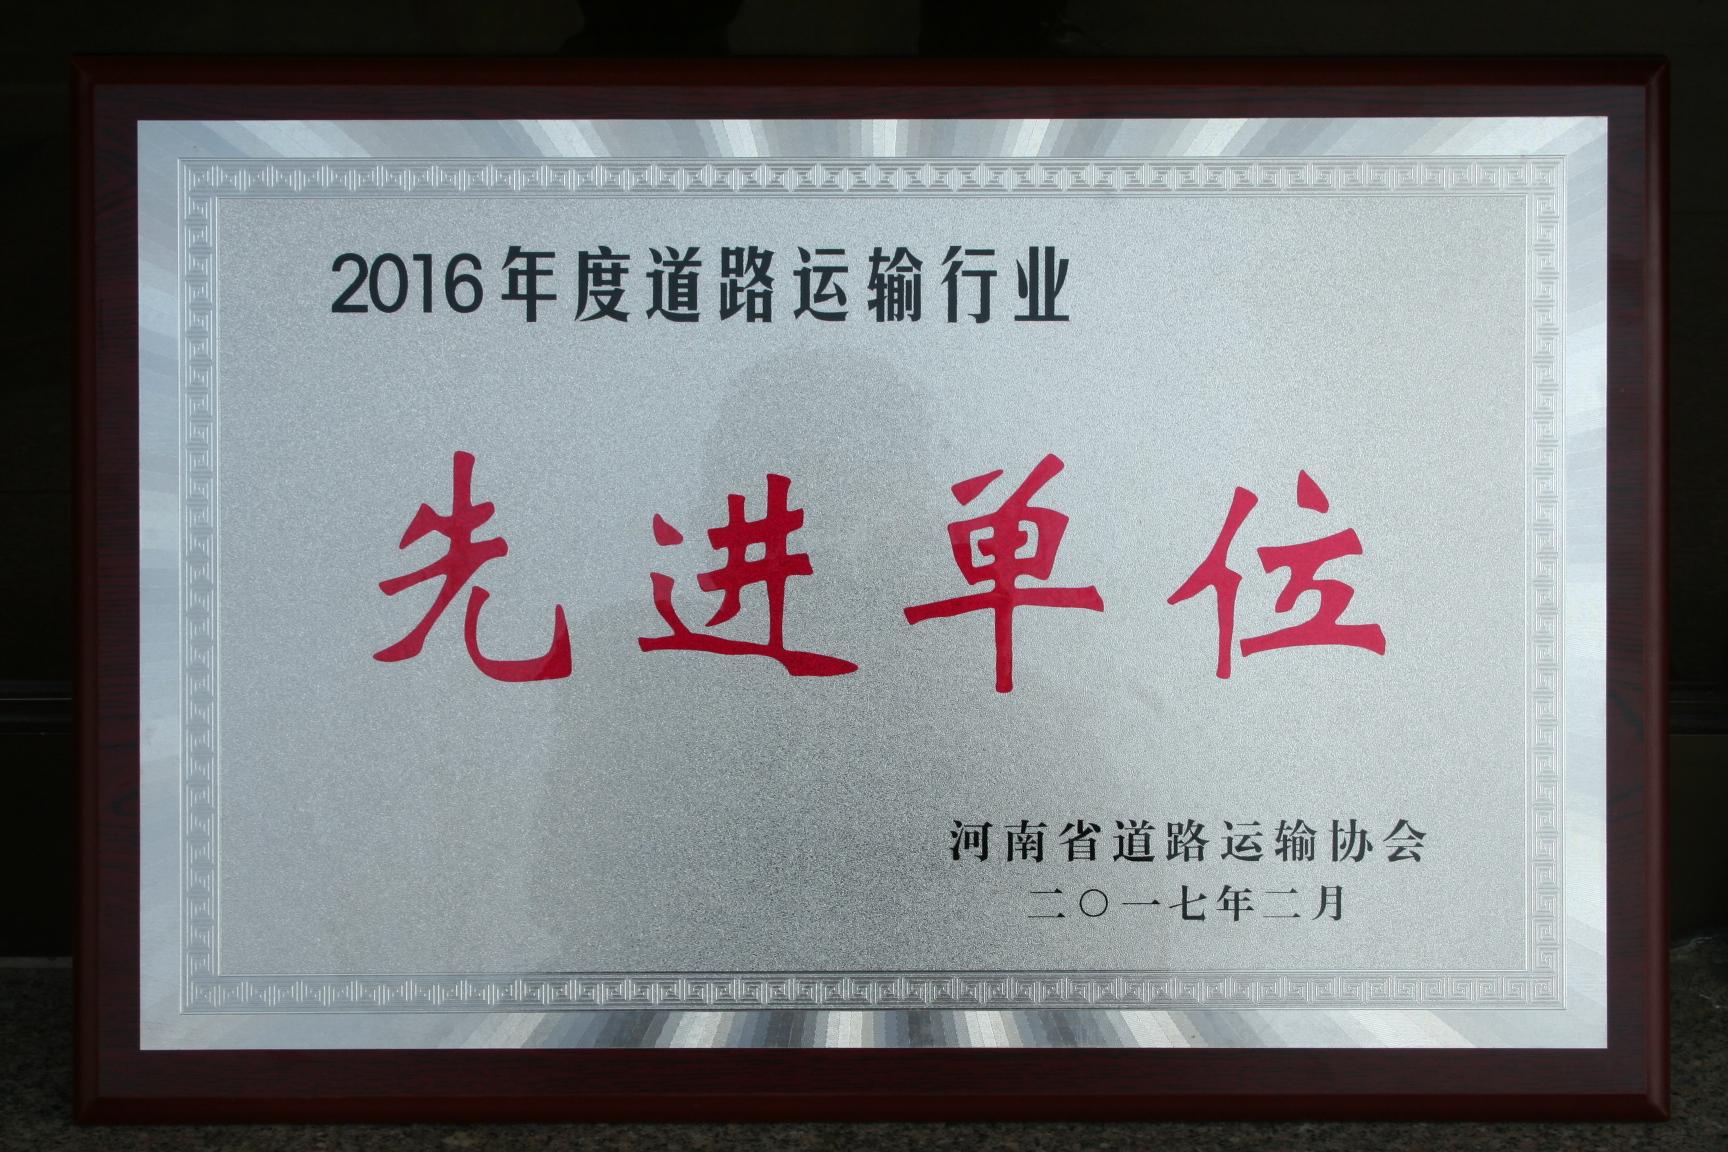 2016道路運輸行業先進單位